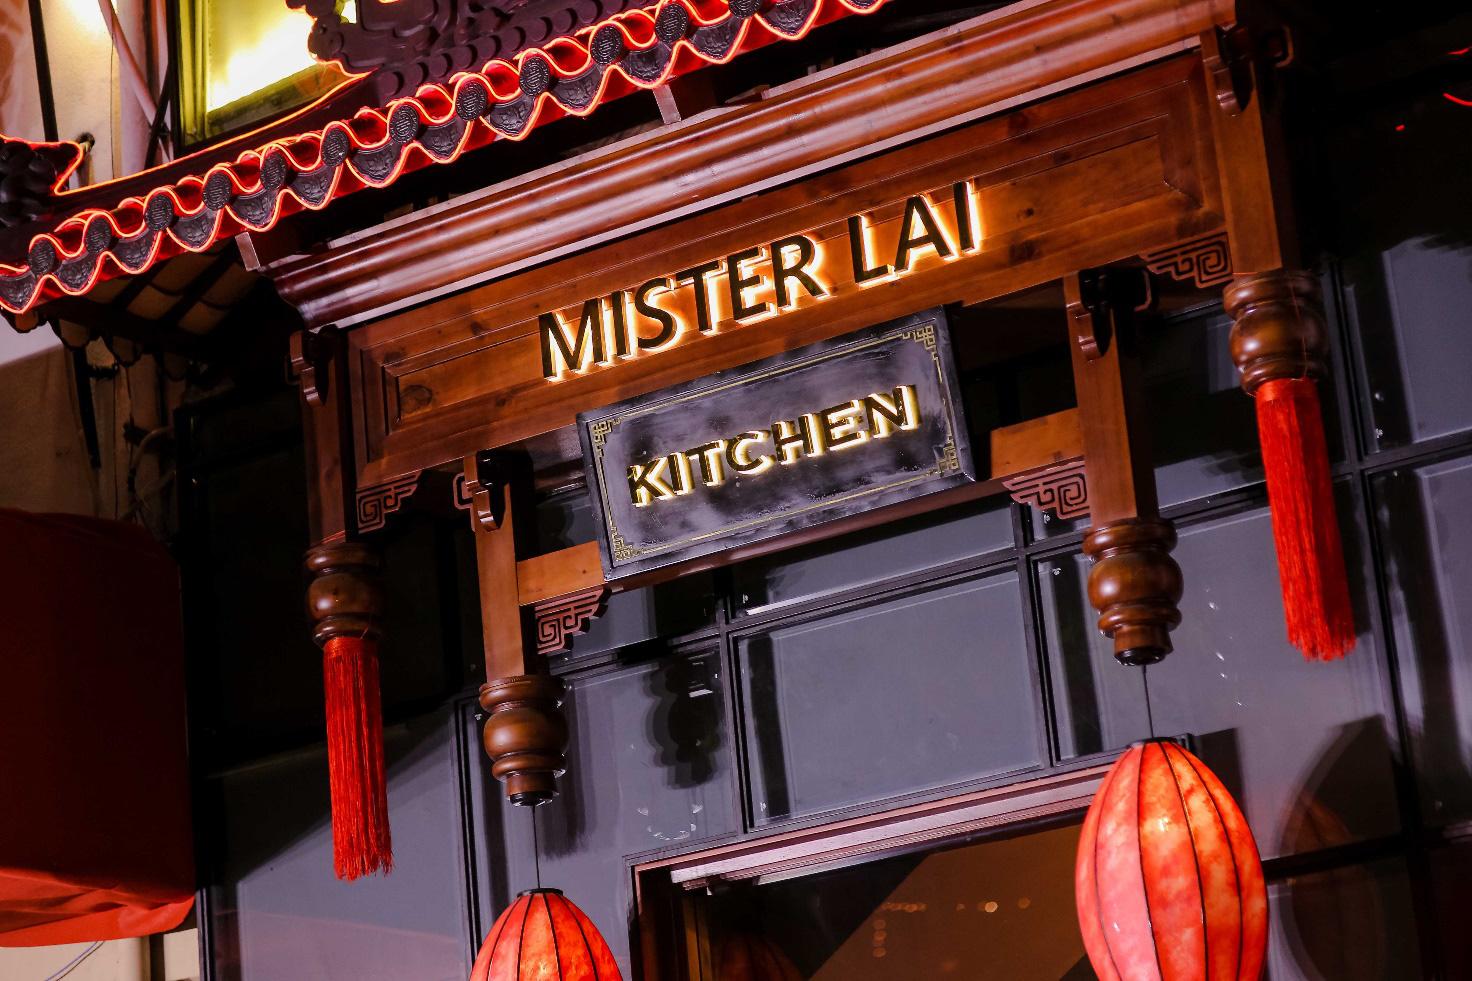 Khám phá tinh tế ẩm thực Trung Hoa giữa phố đi bộ Nguyễn Huệ tại MISTER LAI KITCHEN - Ảnh 1.